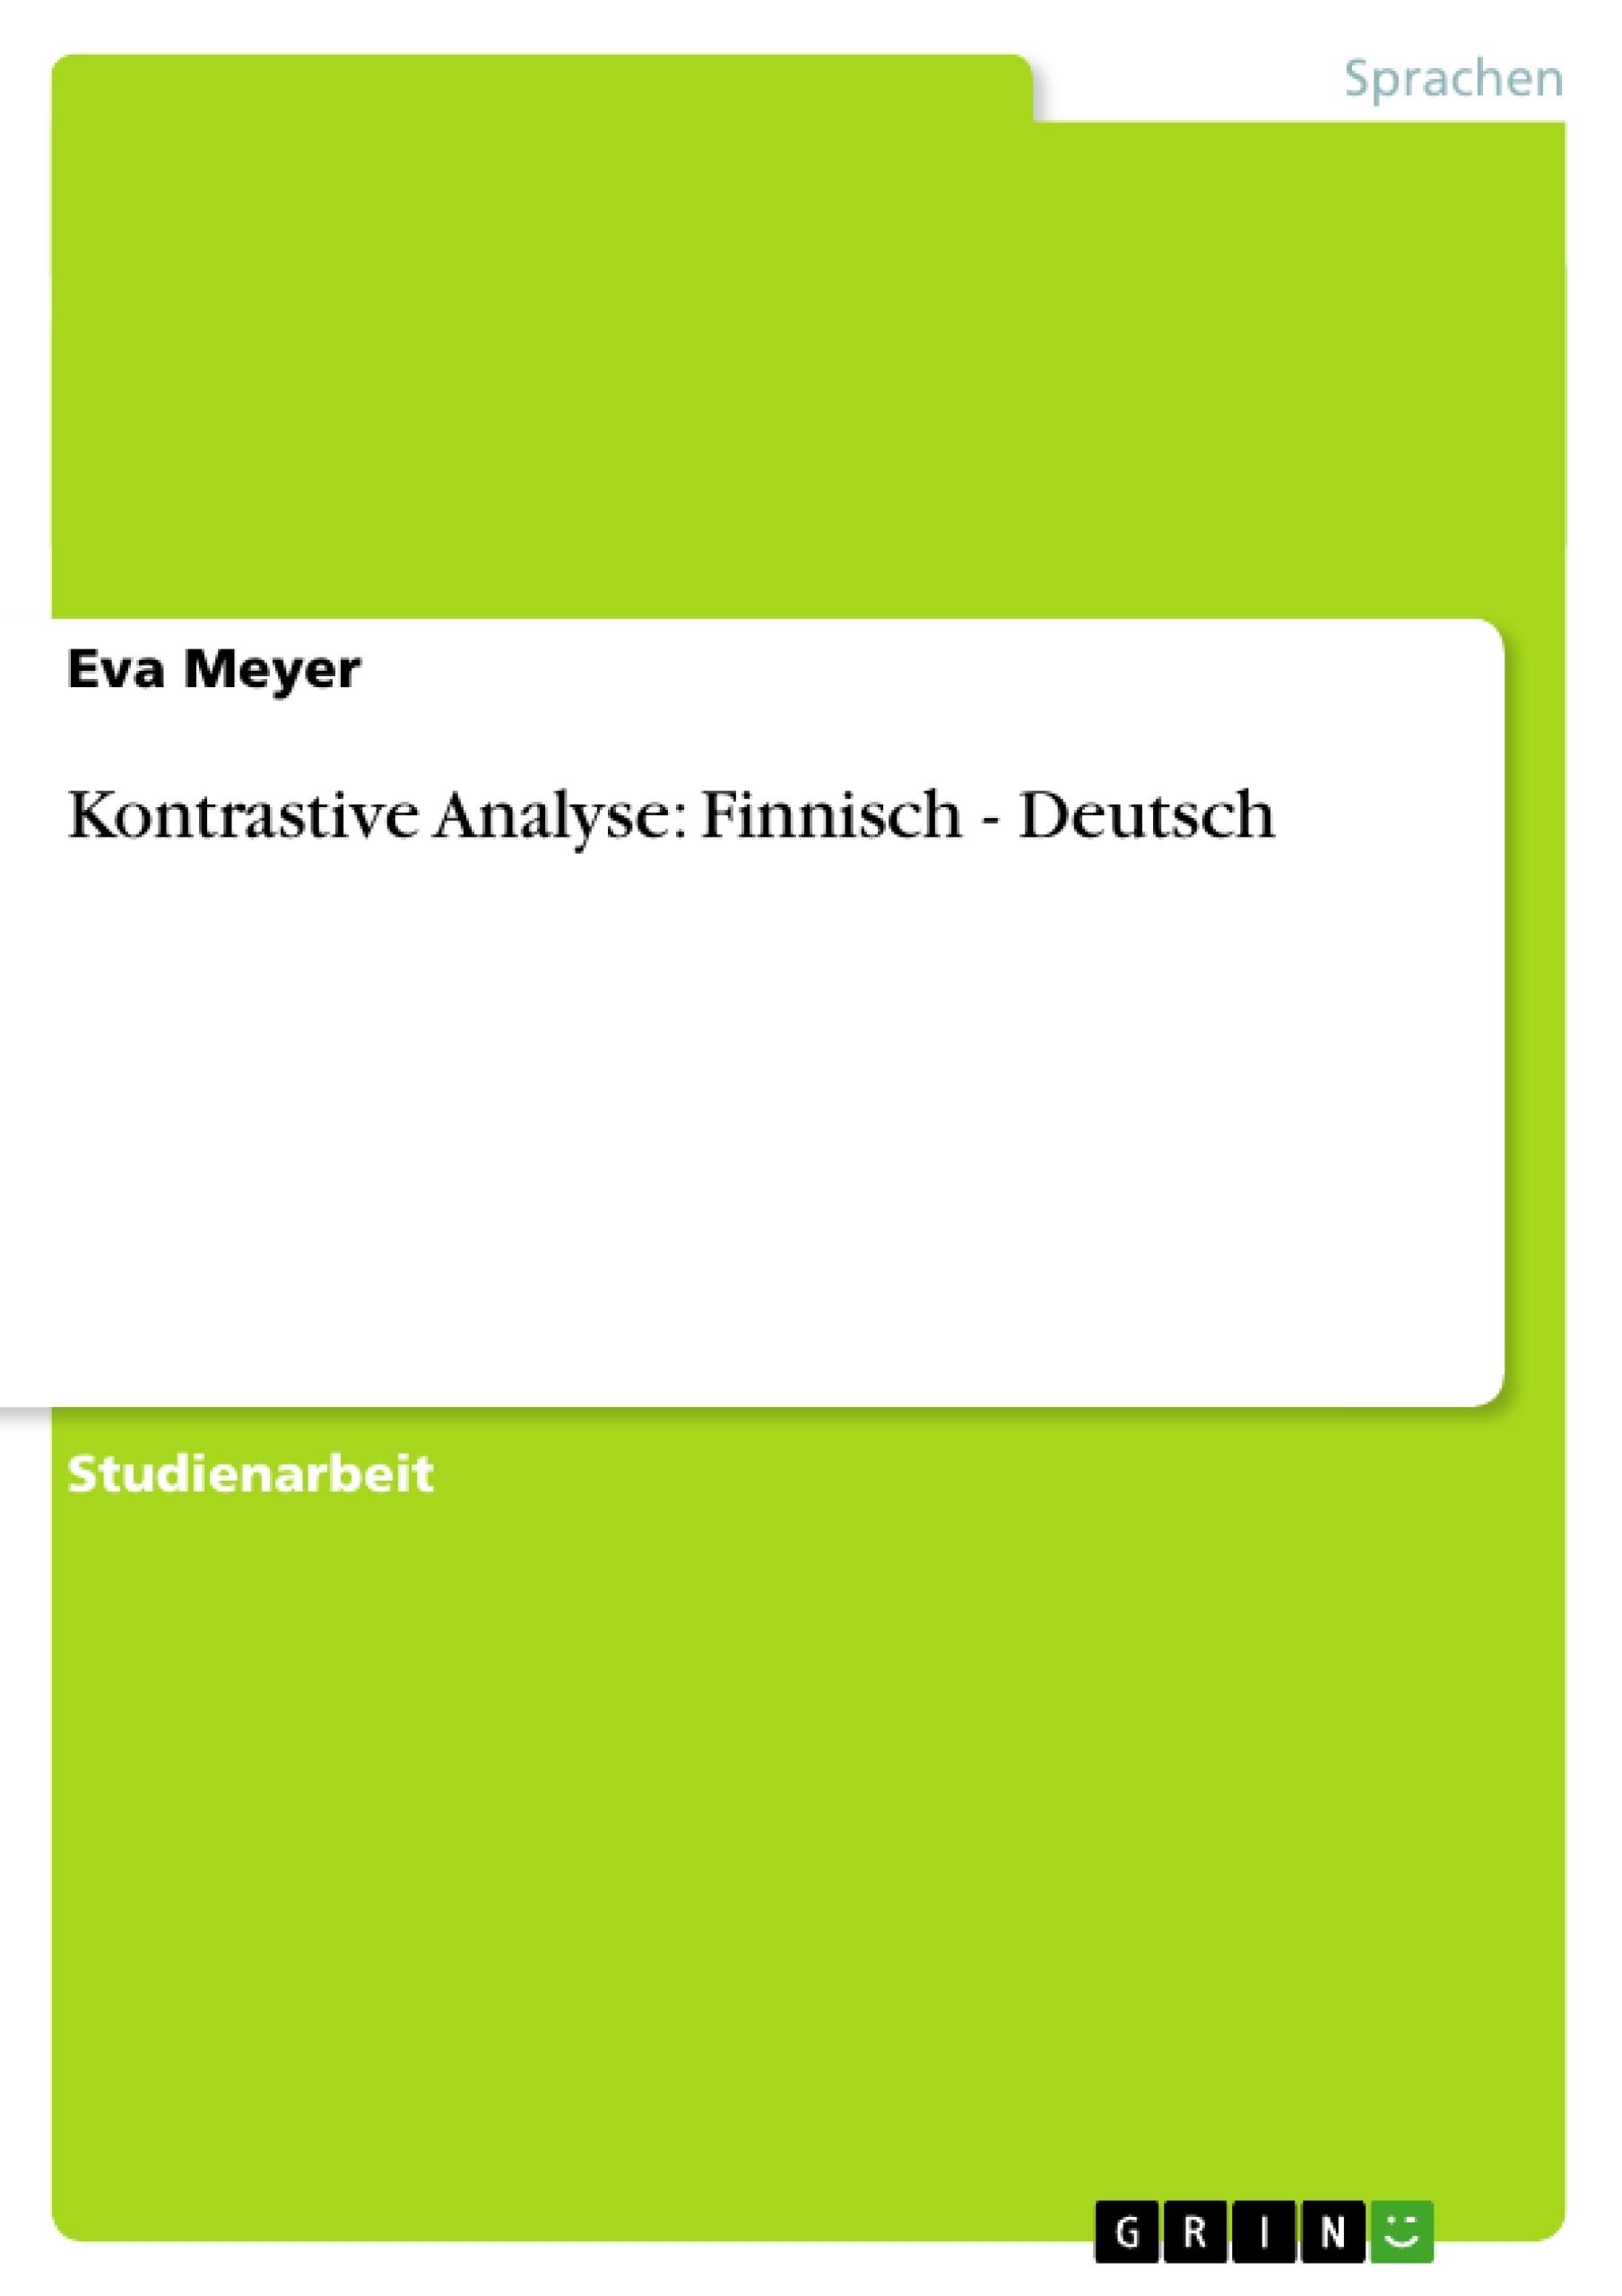 Titel: Kontrastive Analyse: Finnisch - Deutsch